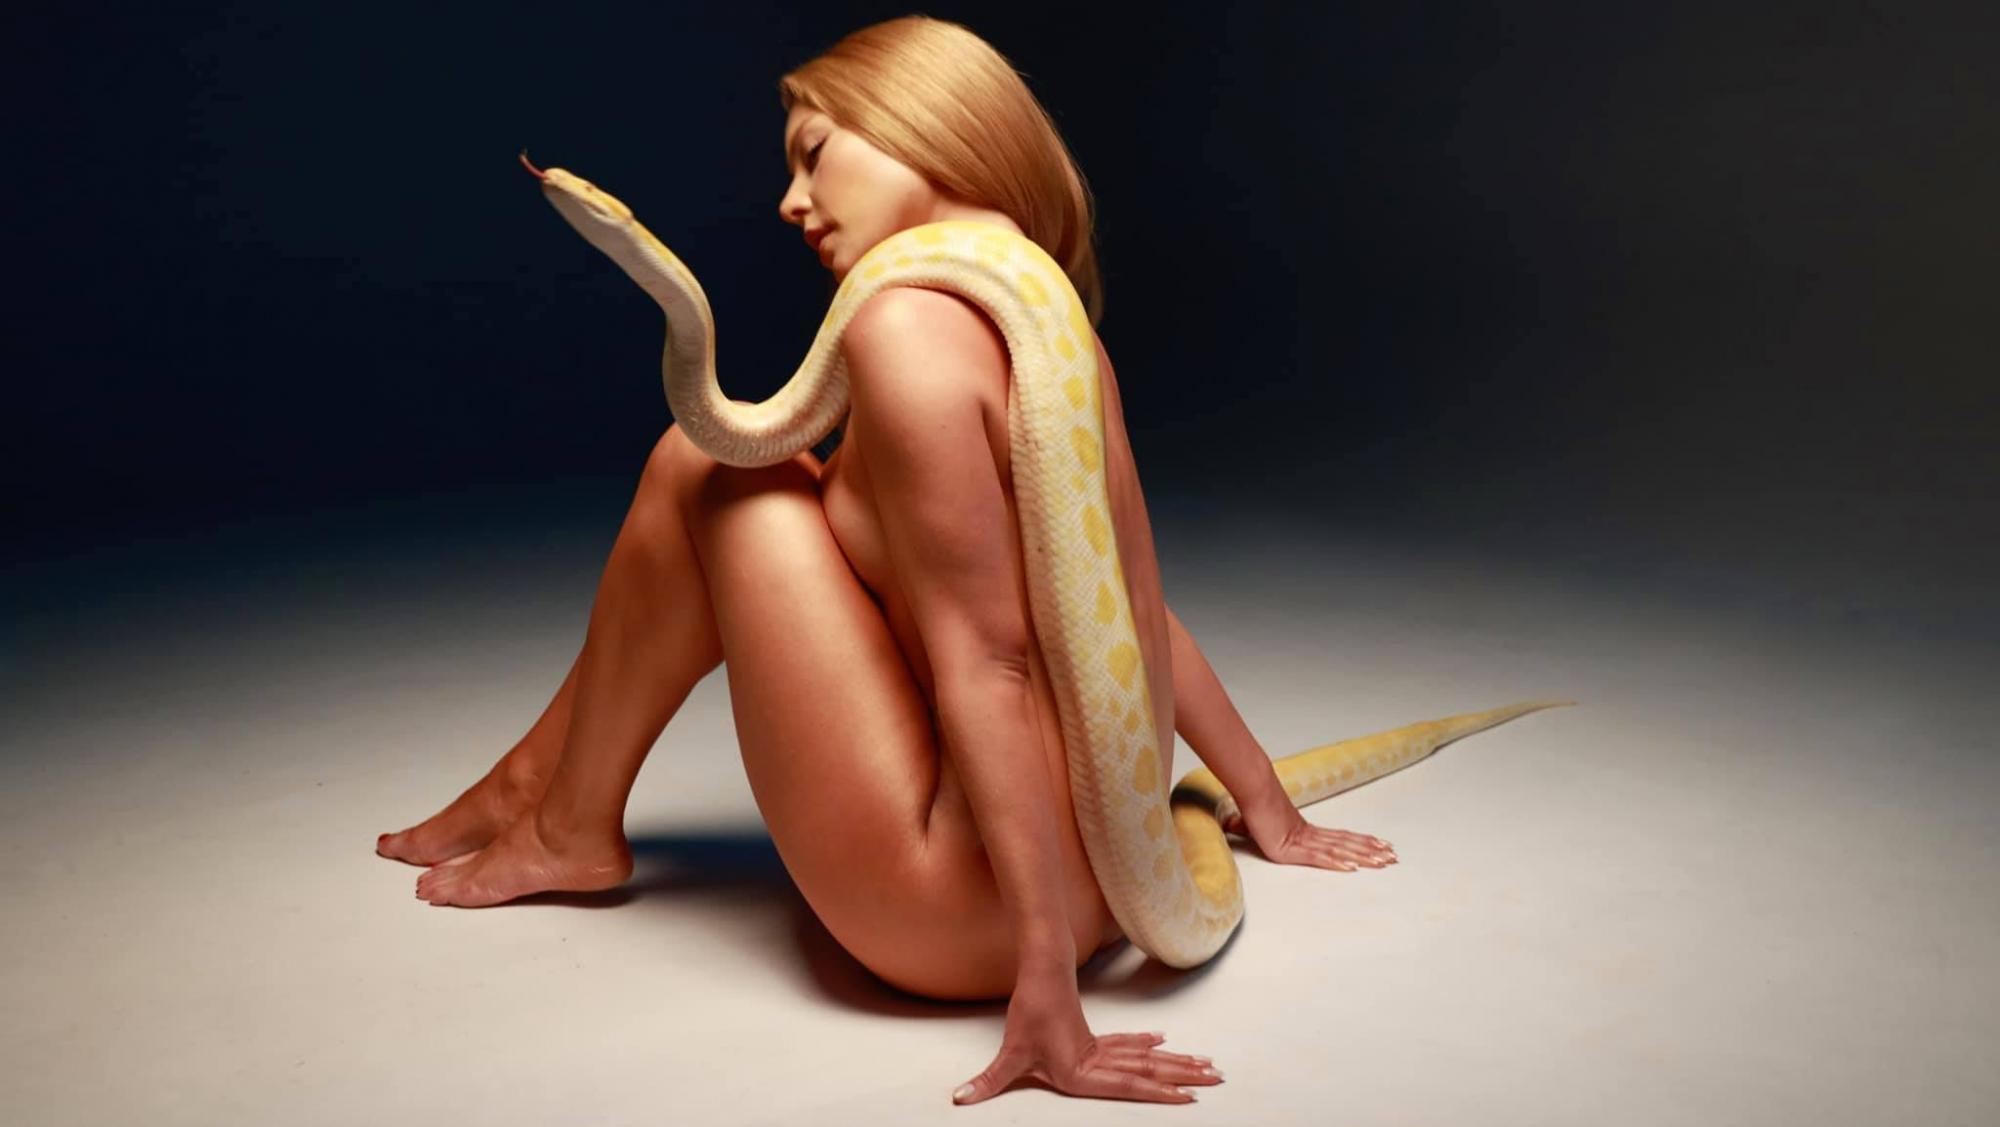 """Ева и змея: полностью обнаженная Кароль """"пригрела"""" на груди питона"""